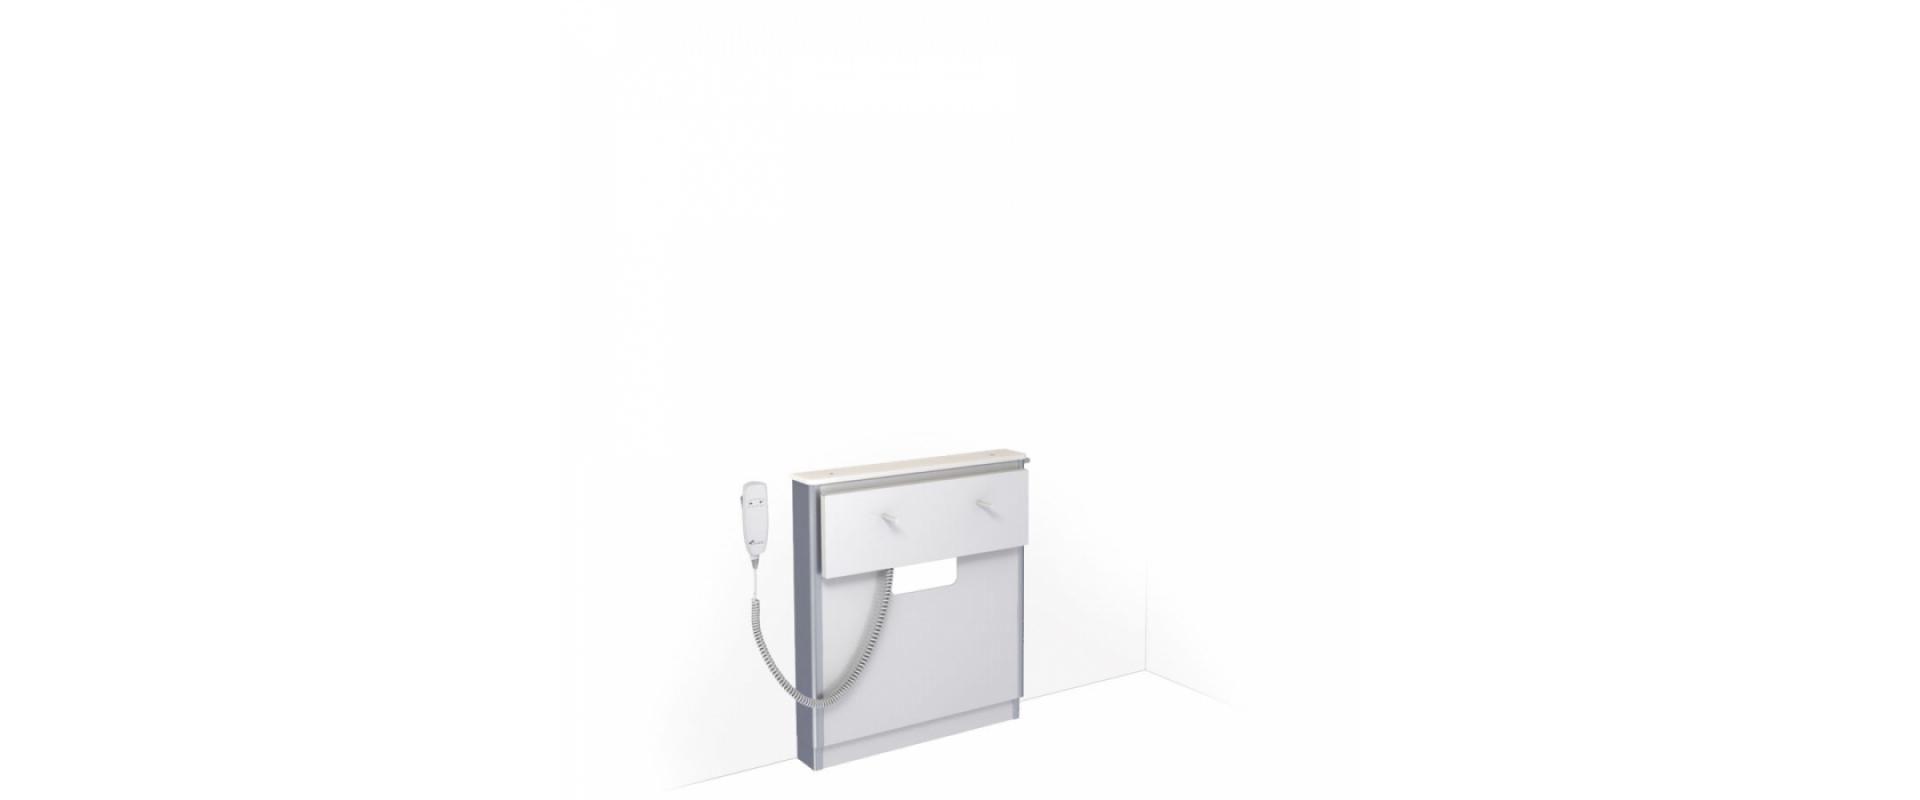 <b>Tvättställslyft BASICLINE 415-1</b>